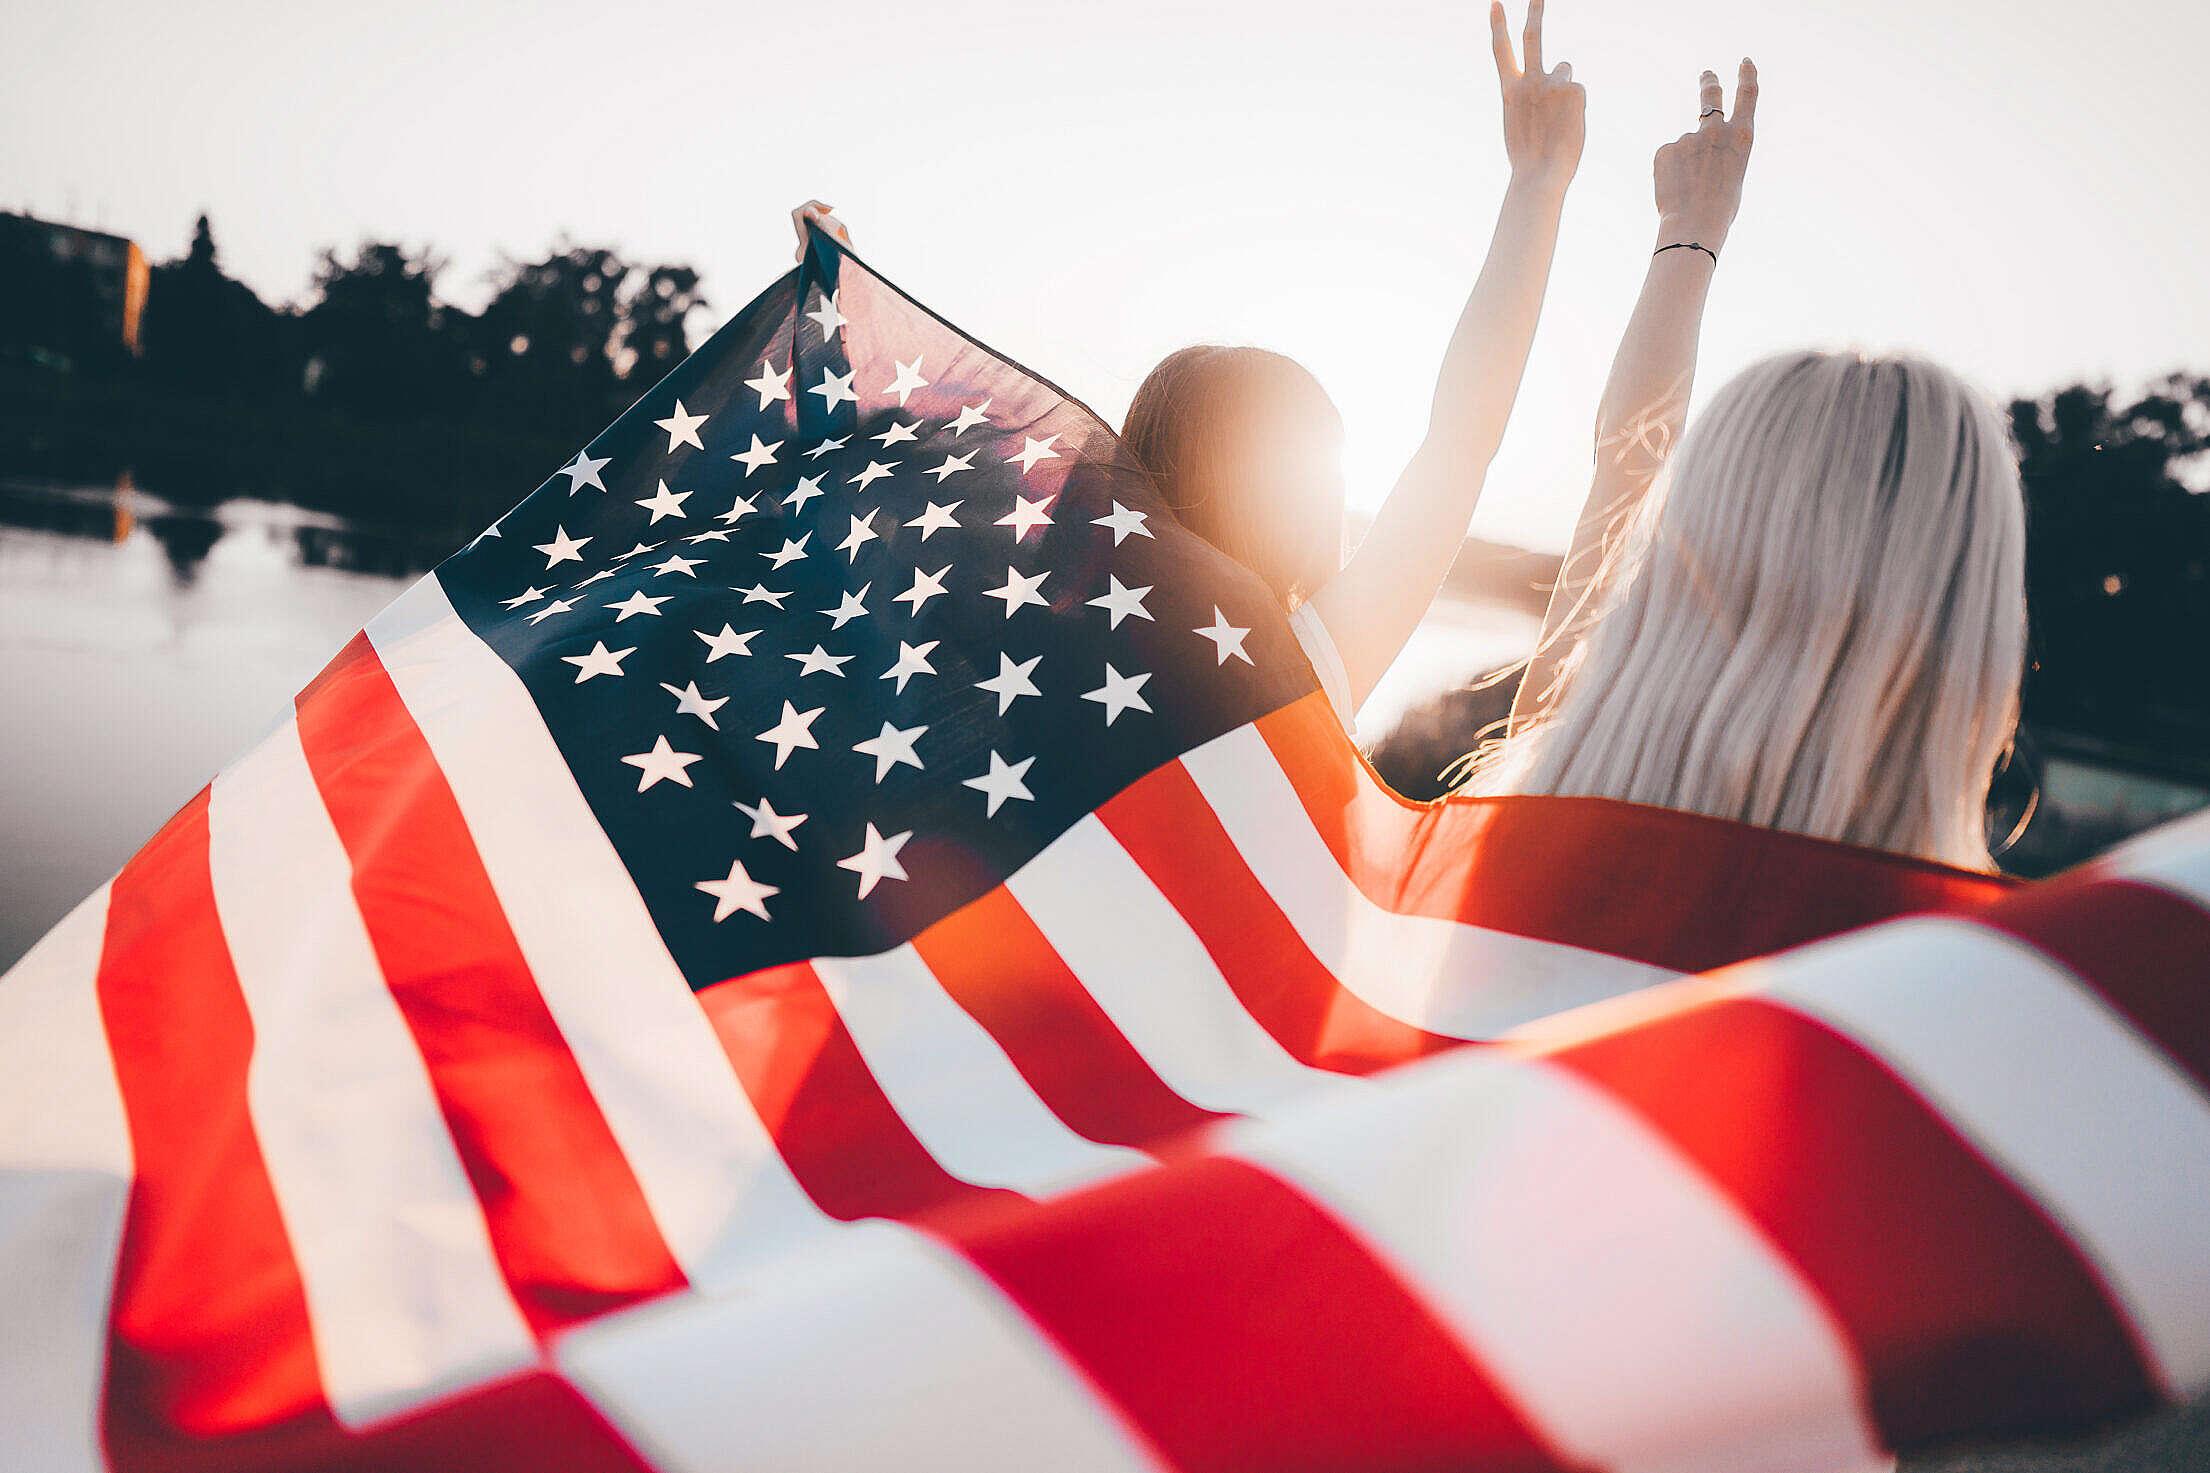 Girls Holding USA Flag Free Stock Photo